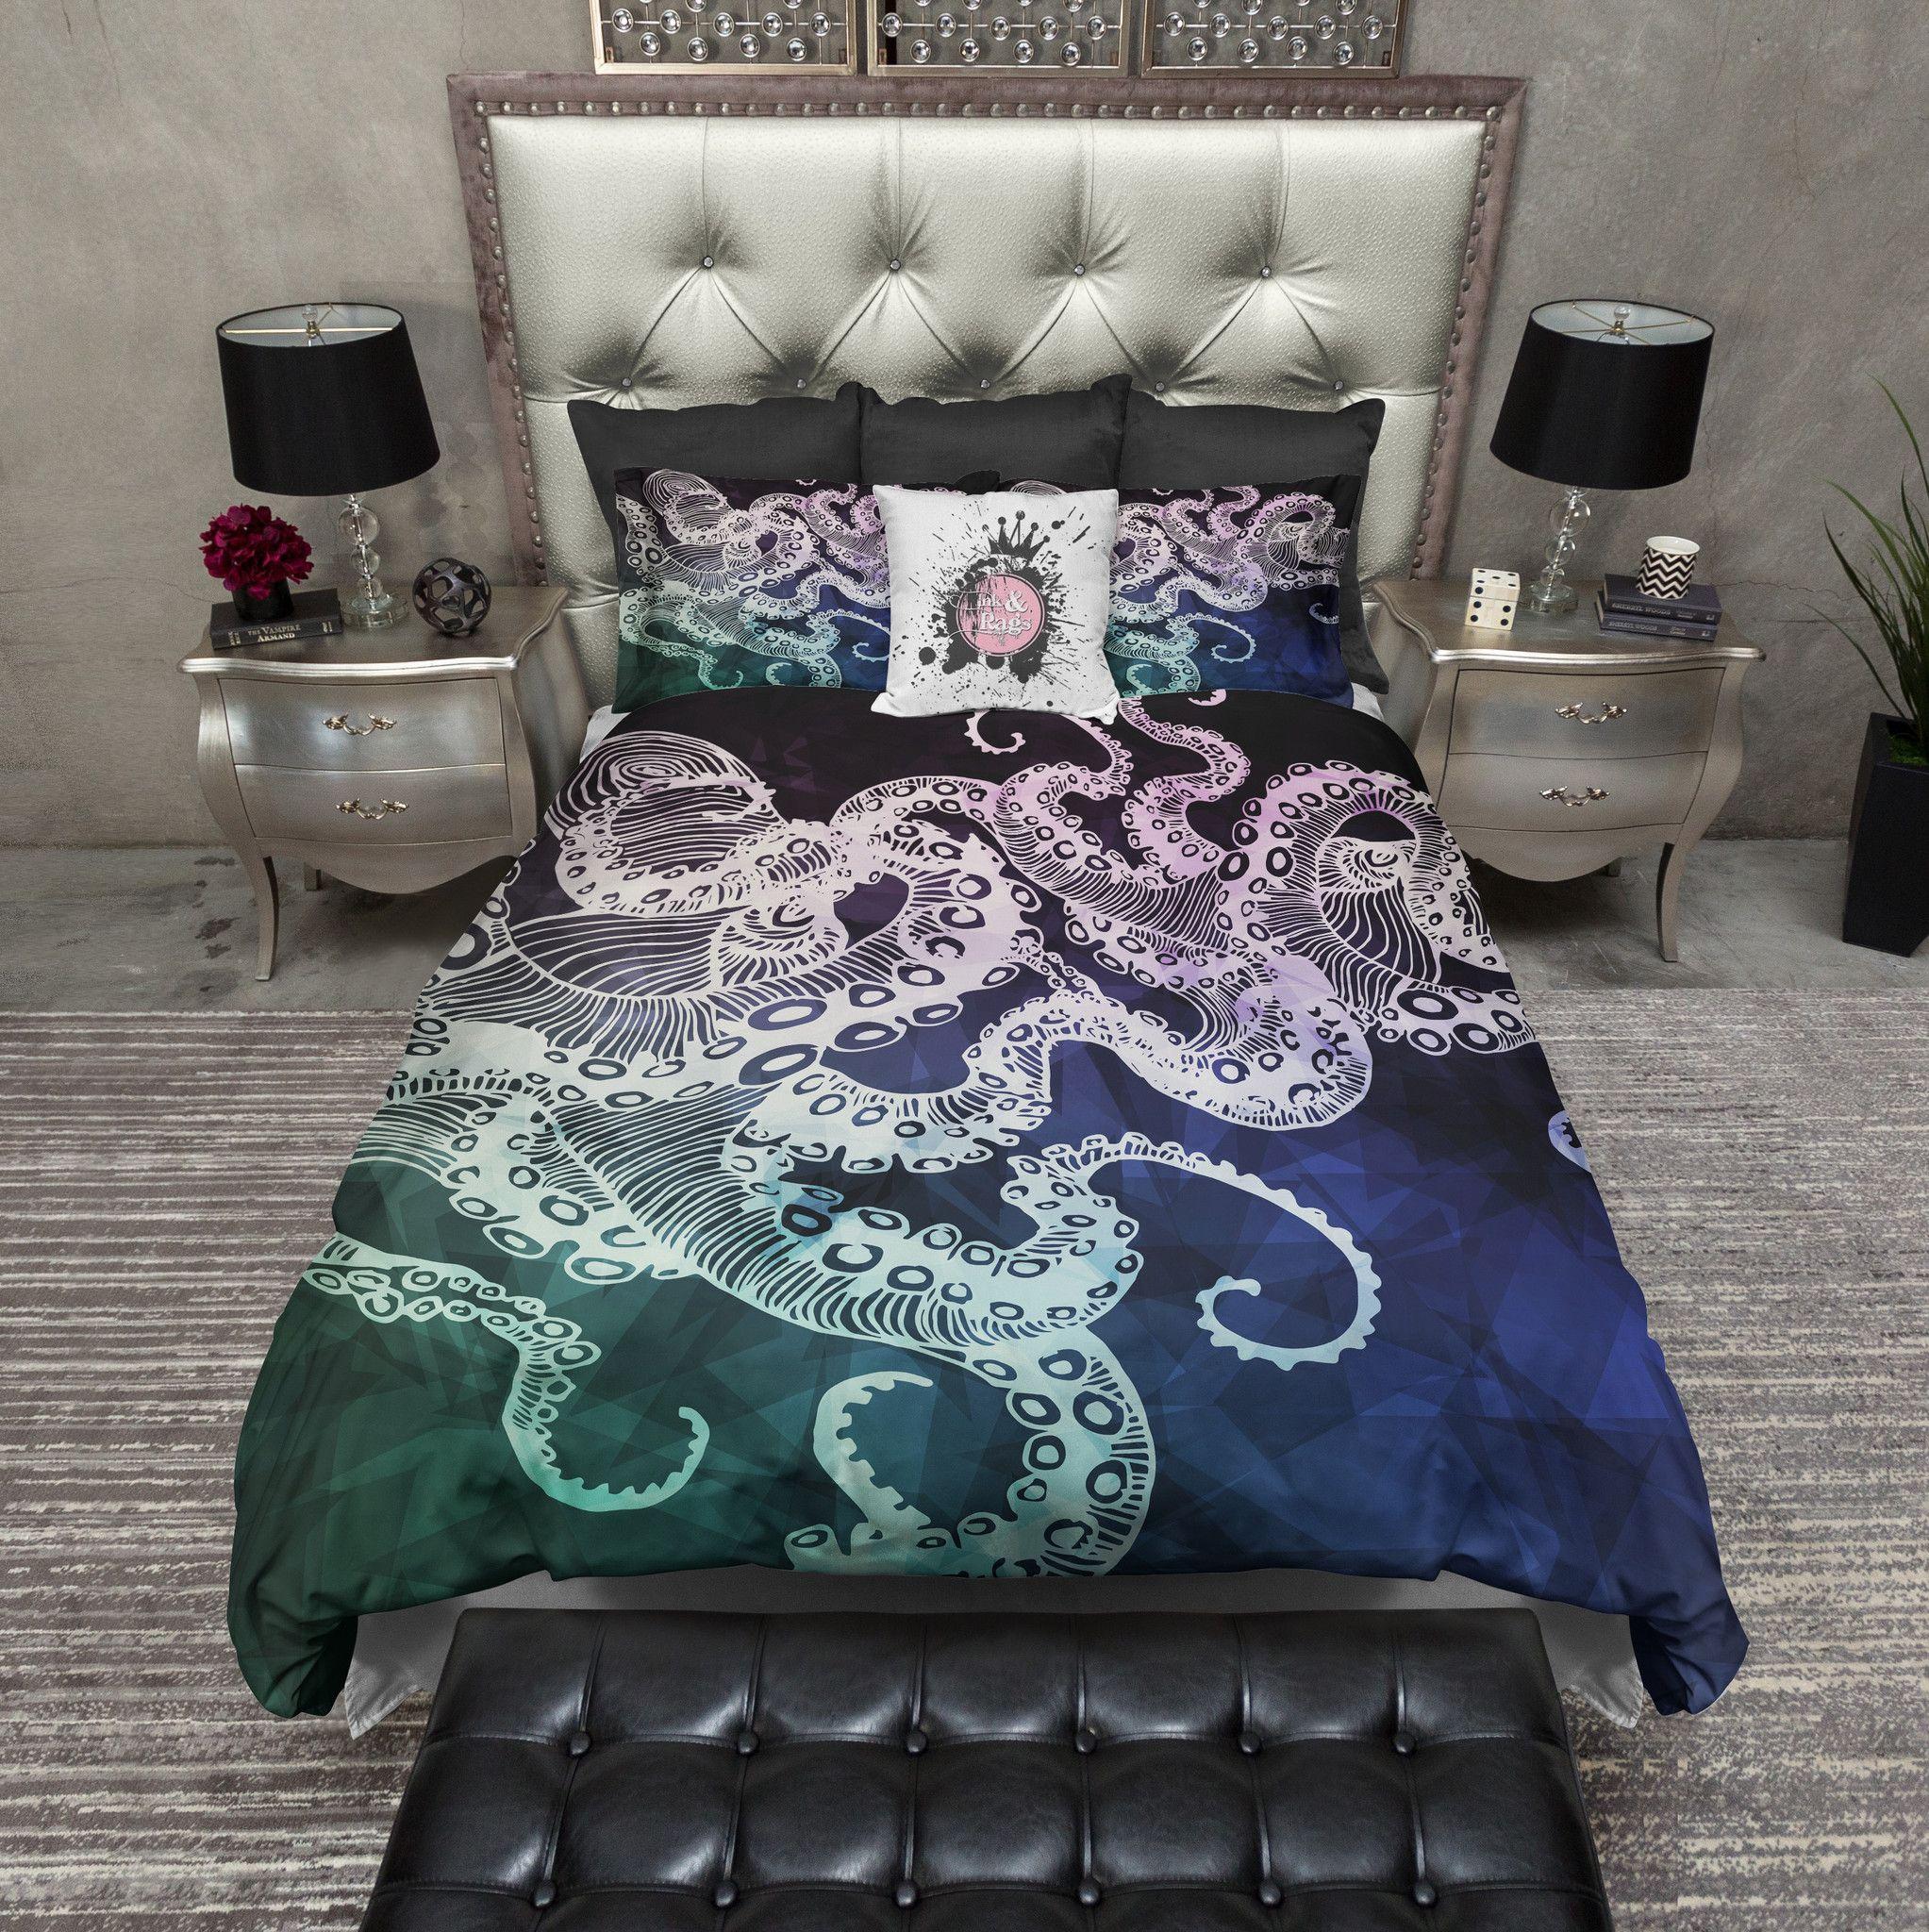 midnight octopus duvet bedding sets  duvet duvet bedding and  - midnight octopus duvet bedding sets  duvet duvet bedding and pillow cases